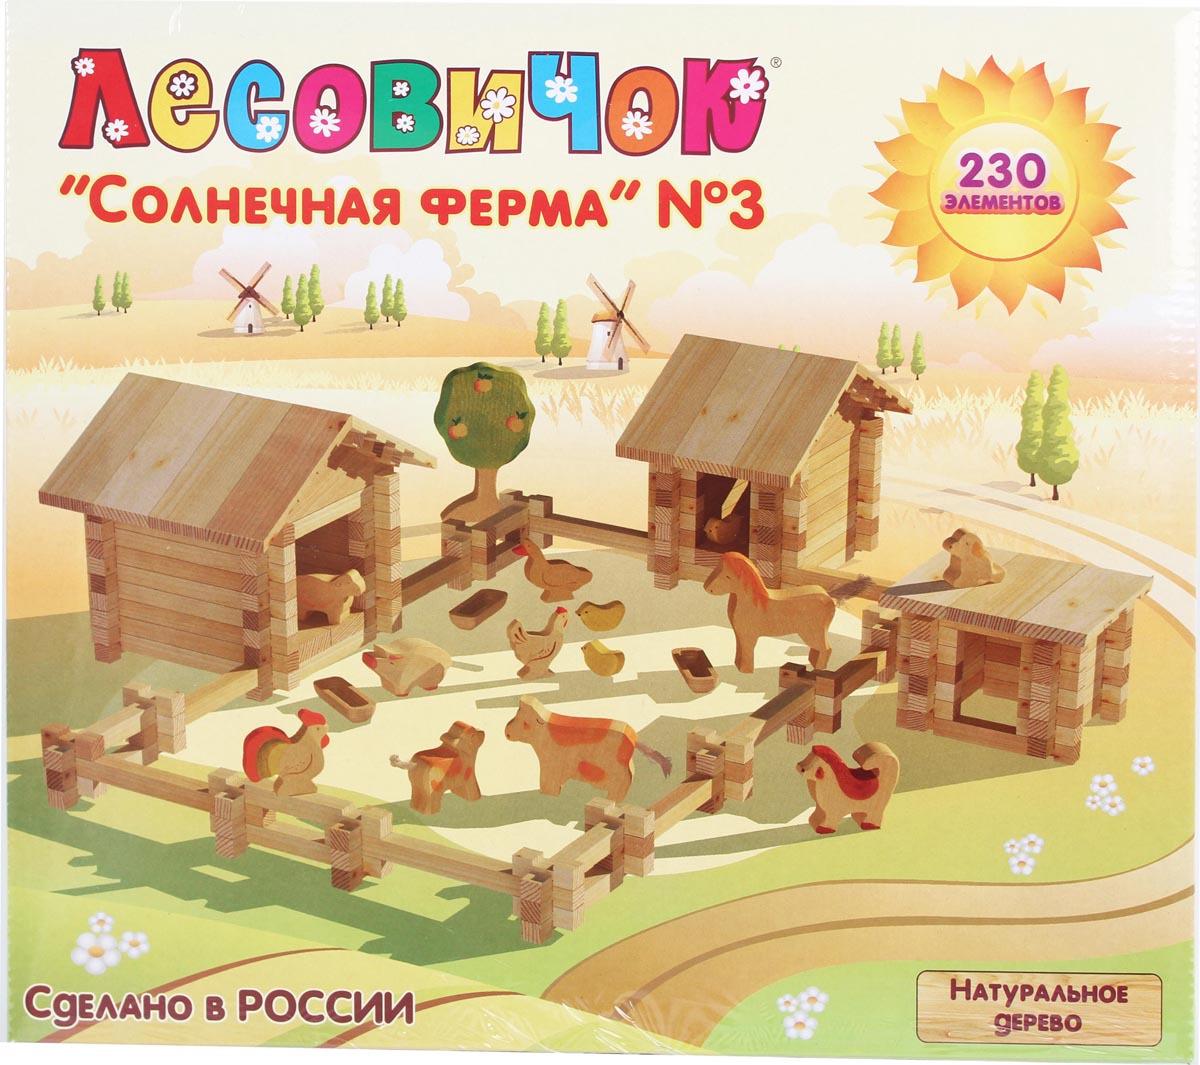 Деревянный конструктор Лесовичок Солнечная ферма №3, 230 элементов лесовичок les 012 солнечная ферма 1 набор из 110 деталей